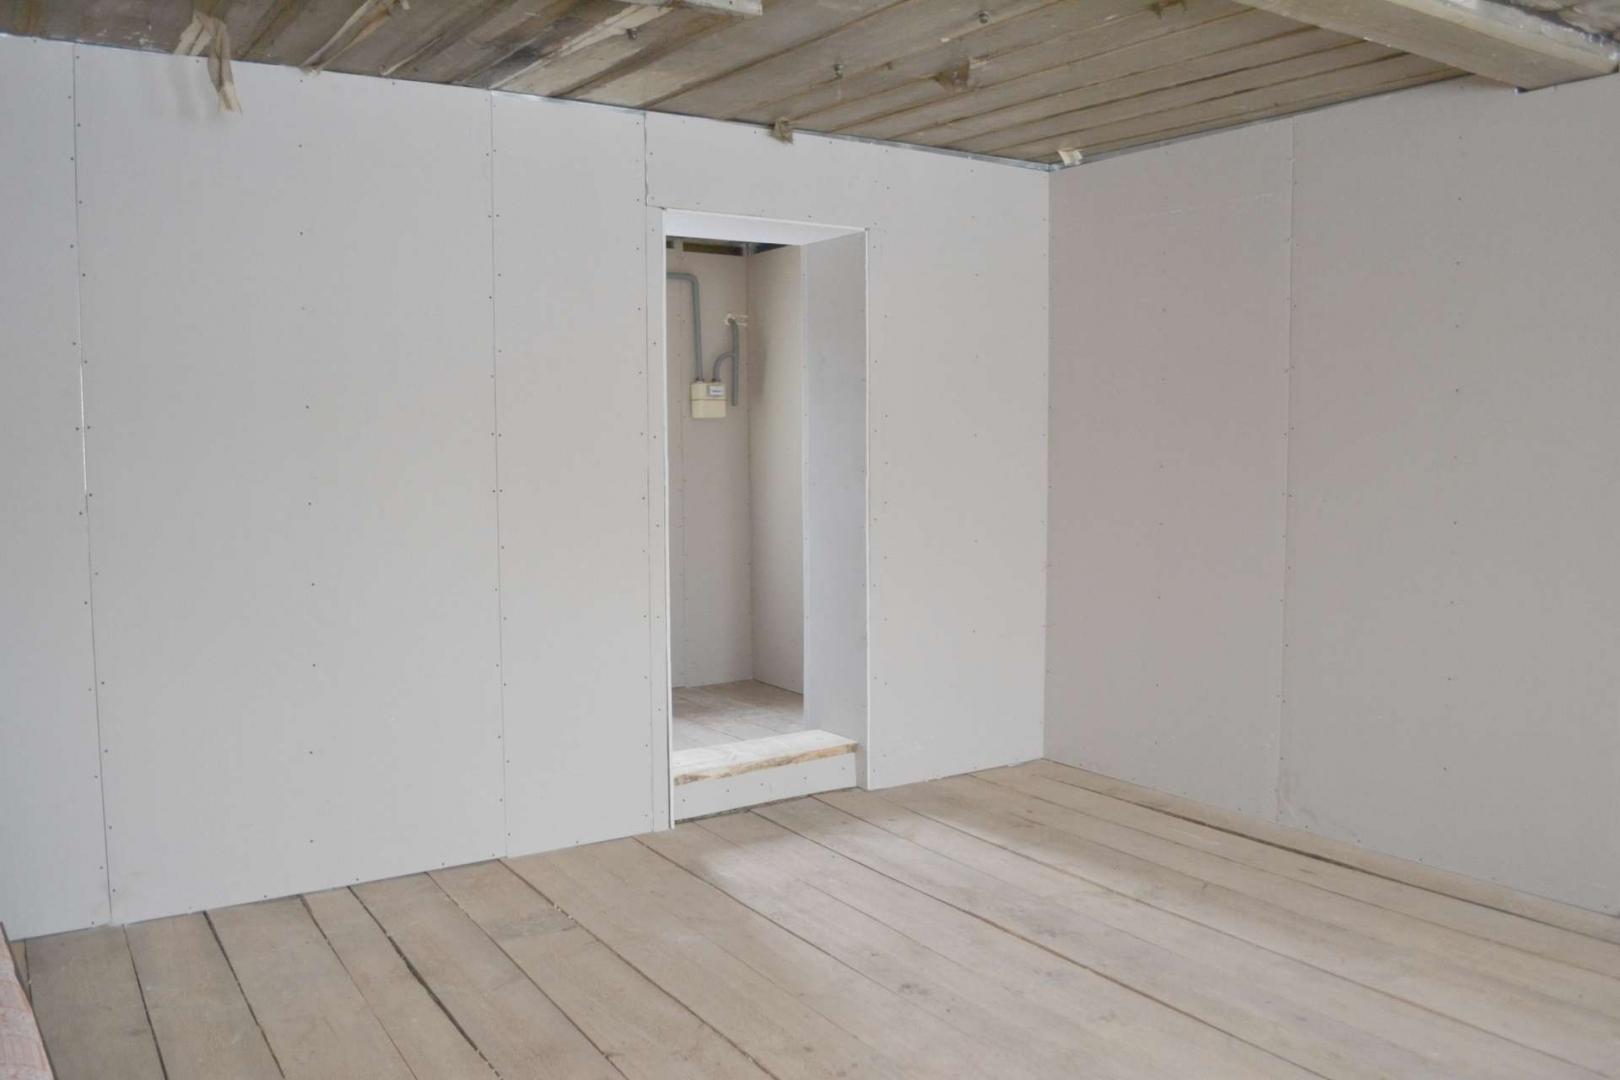 Чем лучше обшить деревянные стены внутри: гипсокартон, вагонка или панели